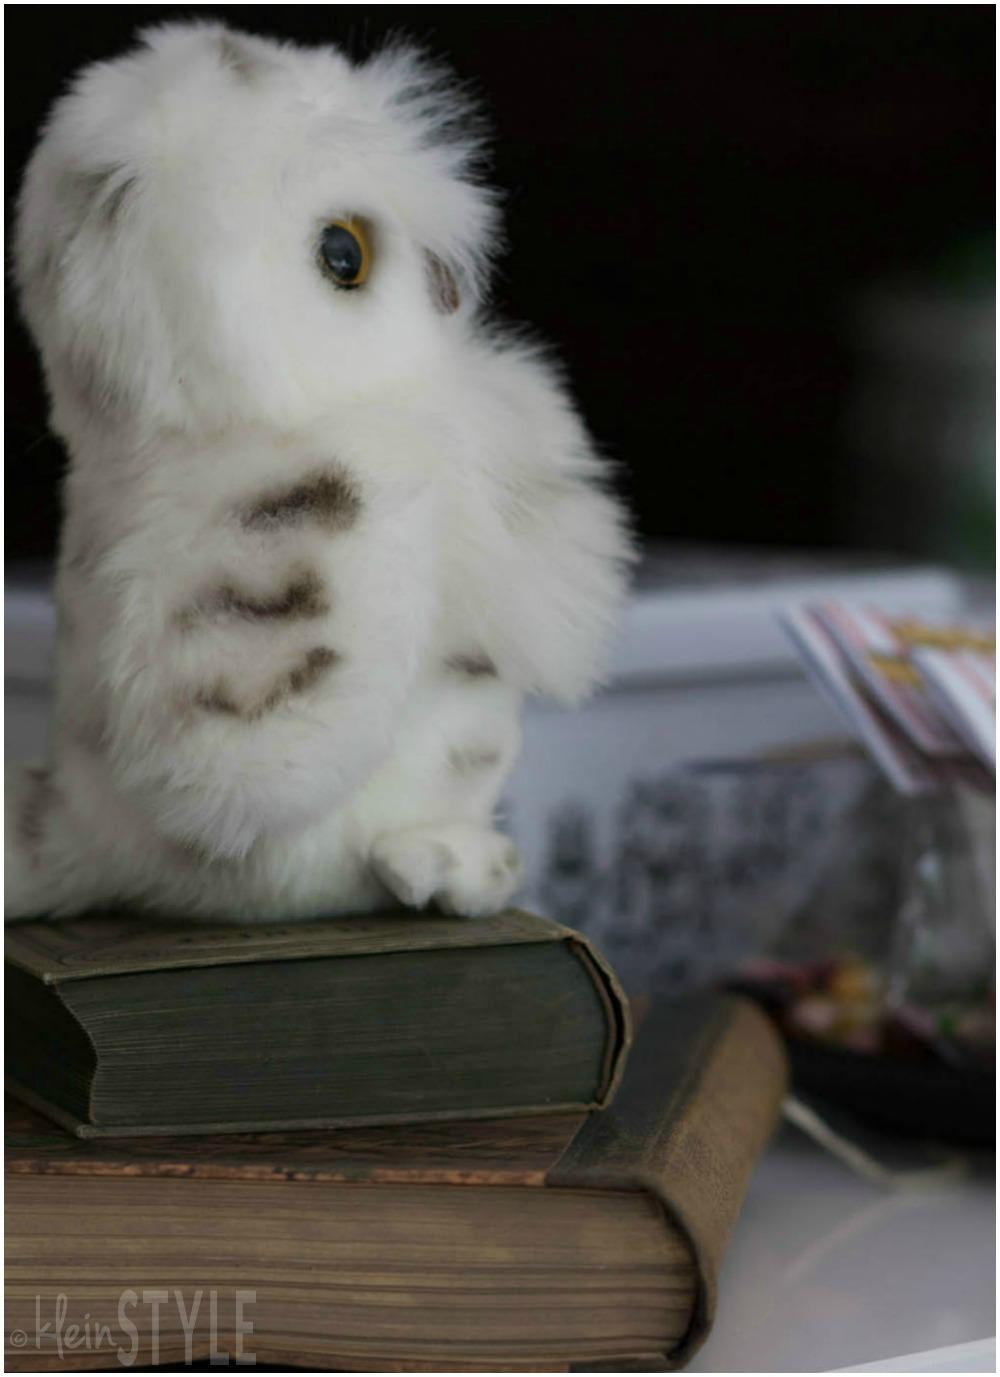 Harry Potter kids Party plush owl decoration ©kleinstyle.com